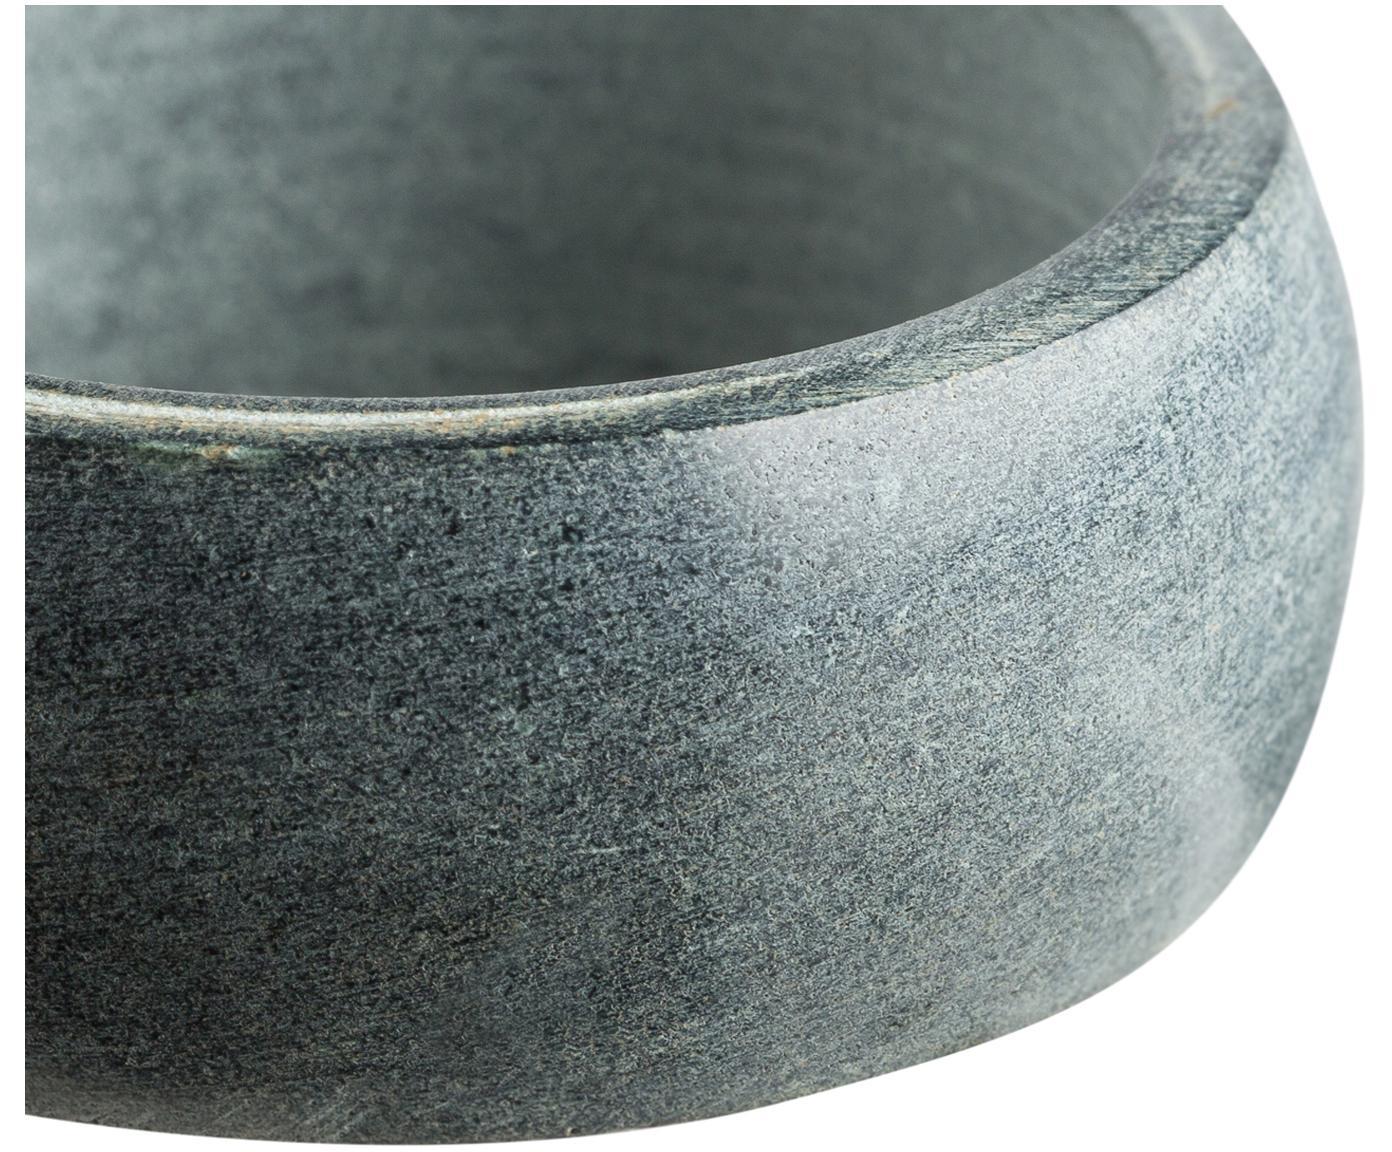 Serviettenringe Soap Stone, 6 Stück, Speckstein, Anthrazit, Ø 5 x H 2 cm